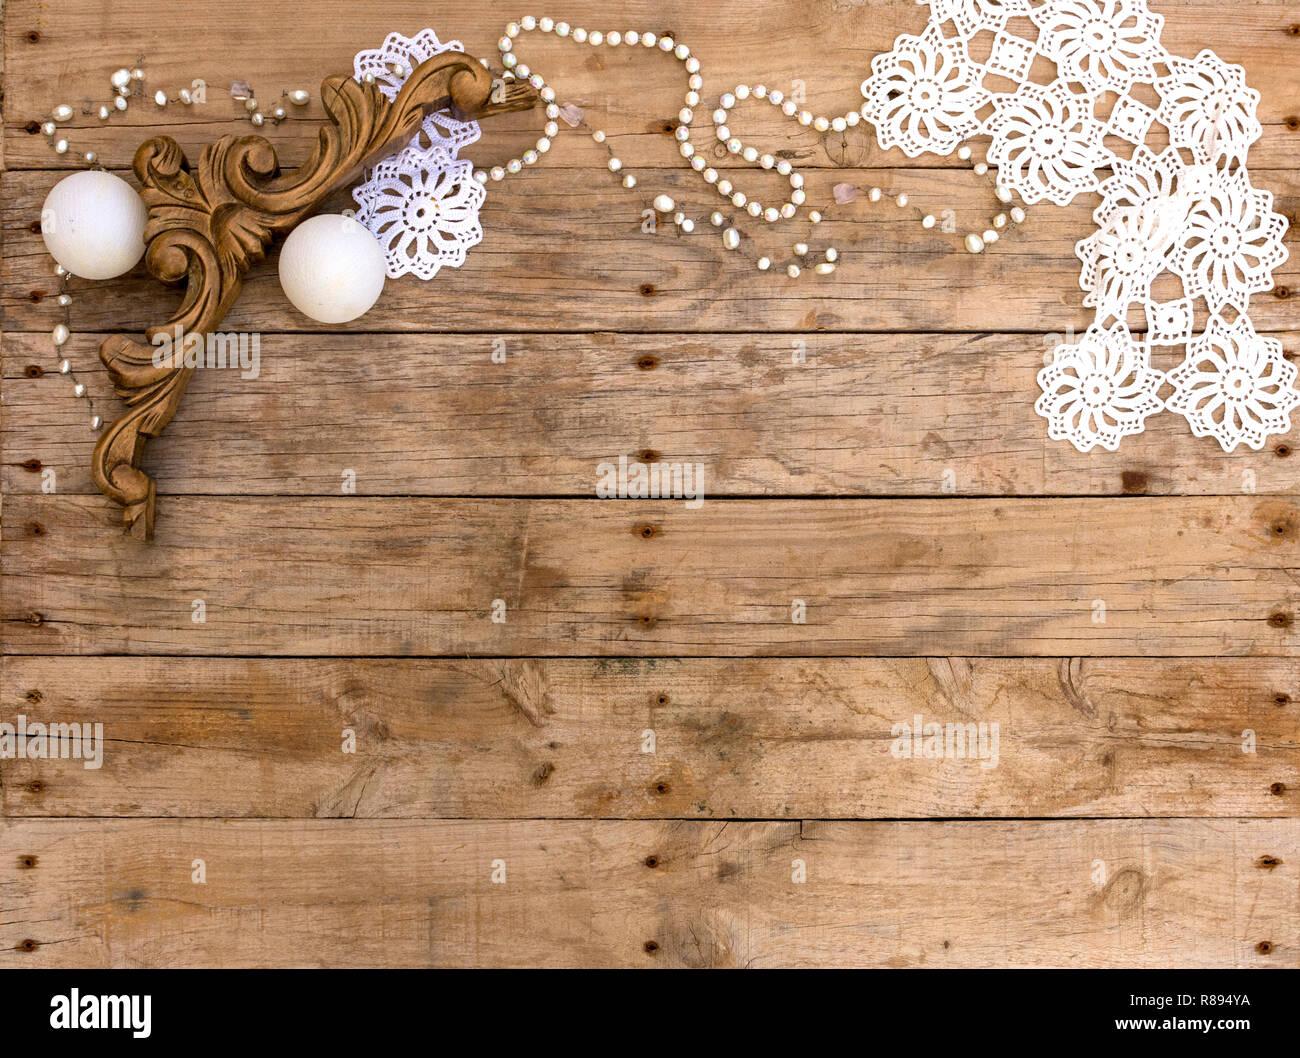 https www alamyimages fr image de carte postale de noel sur fond de bois pour la carte de voeux fond d ecran de noel en bois et objets vintage blanc image228853502 html